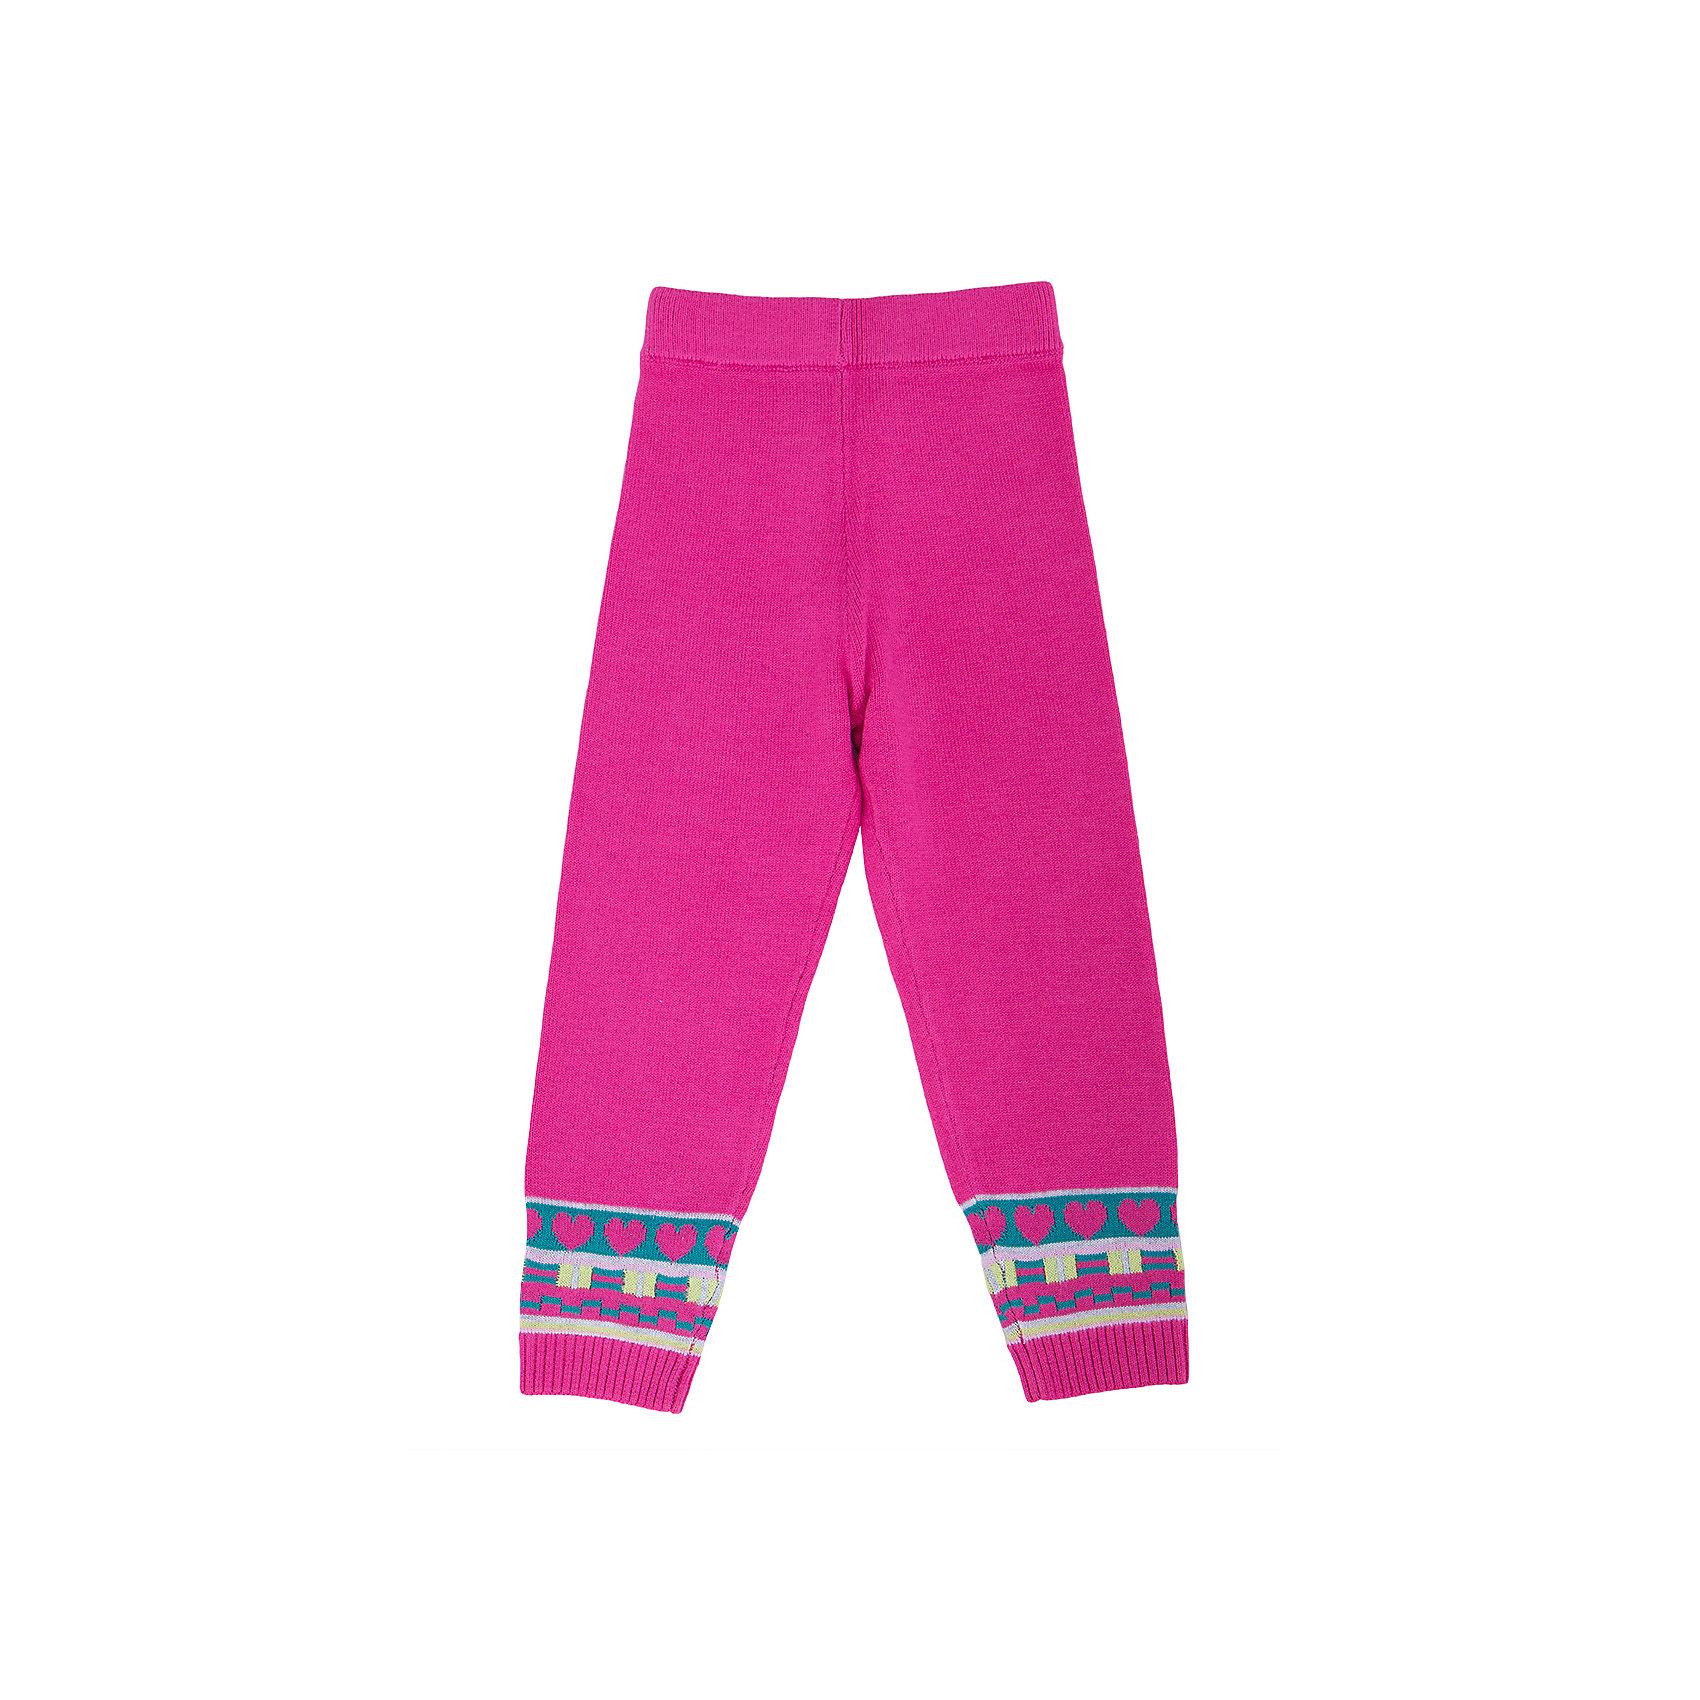 Брюки для девочки Sweet BerryБрюки<br>Такая модель брюк для девочки отличается теплой пряжей и оригинальным узором. Удачный крой обеспечит ребенку комфорт и тепло. Мягкая пряжа делает вещь идеальной для прохладной погоды. Она плотно прилегает к телу там, где нужно, и отлично сидит по фигуре. Брюки имеют мягкую резинку на талии. <br>Одежда от бренда Sweet Berry - это простой и выгодный способ одеть ребенка удобно и стильно. Всё изделия тщательно проработаны: швы - прочные, материал - качественный, фурнитура - подобранная специально для детей. <br><br>Дополнительная информация:<br><br>цвет: розовый;<br>резинка на талии;<br>материал: 60% хлопок, 40% акрил.<br><br>Брюки для девочки от бренда Sweet Berry можно купить в нашем интернет-магазине.<br><br>Ширина мм: 215<br>Глубина мм: 88<br>Высота мм: 191<br>Вес г: 336<br>Цвет: розовый<br>Возраст от месяцев: 24<br>Возраст до месяцев: 36<br>Пол: Женский<br>Возраст: Детский<br>Размер: 98,80,86,92<br>SKU: 4931253